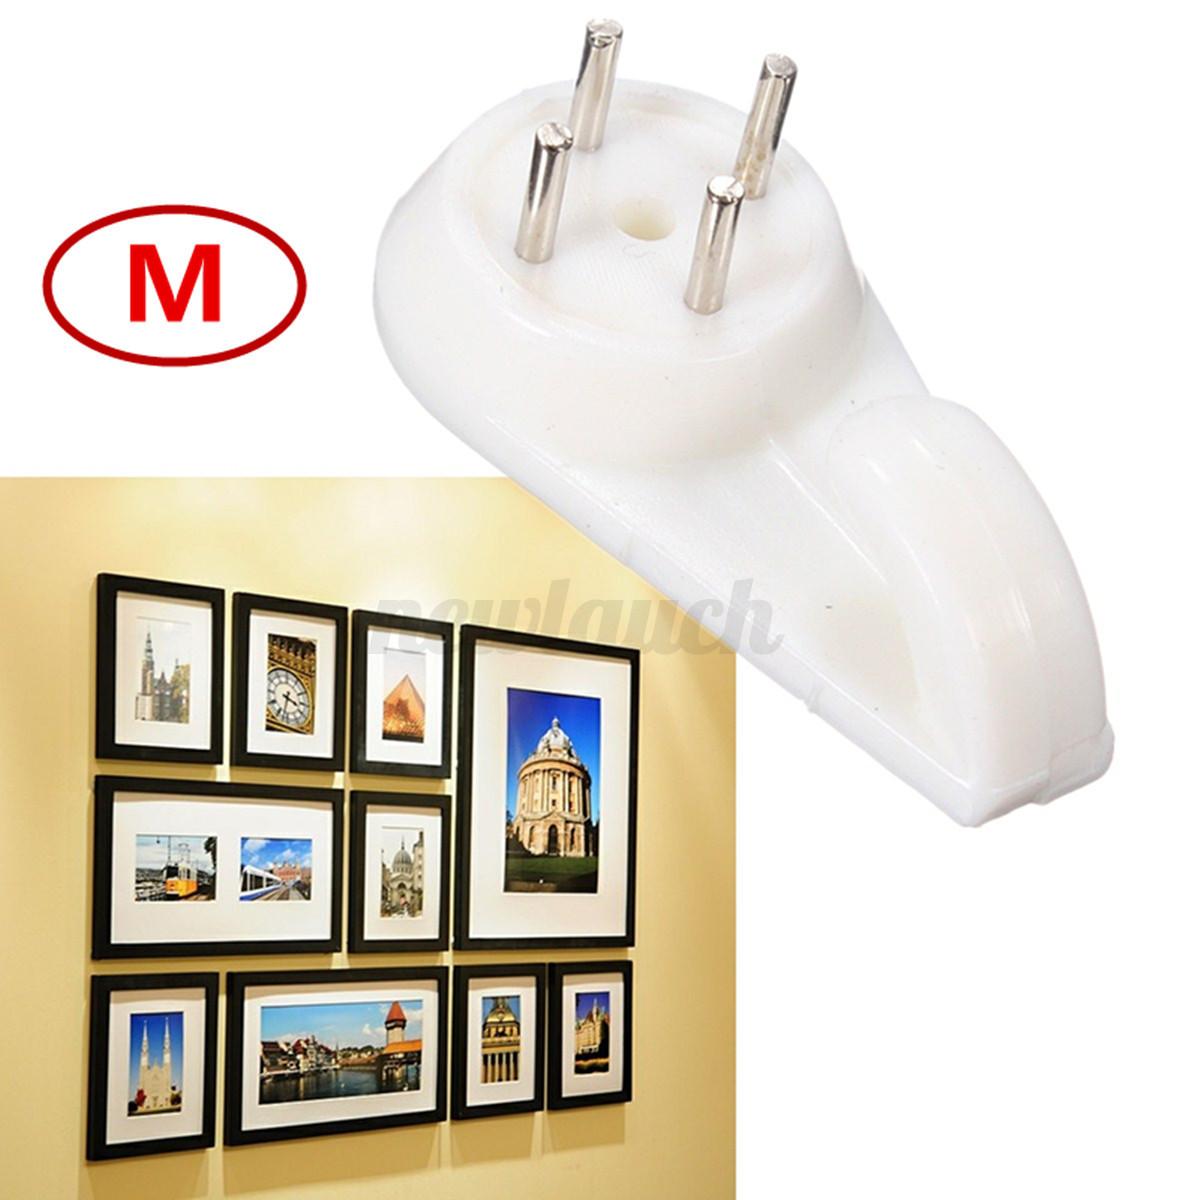 plastique crochet cintre mural mur dur cadre photo tableau miroir sac parapluie ebay